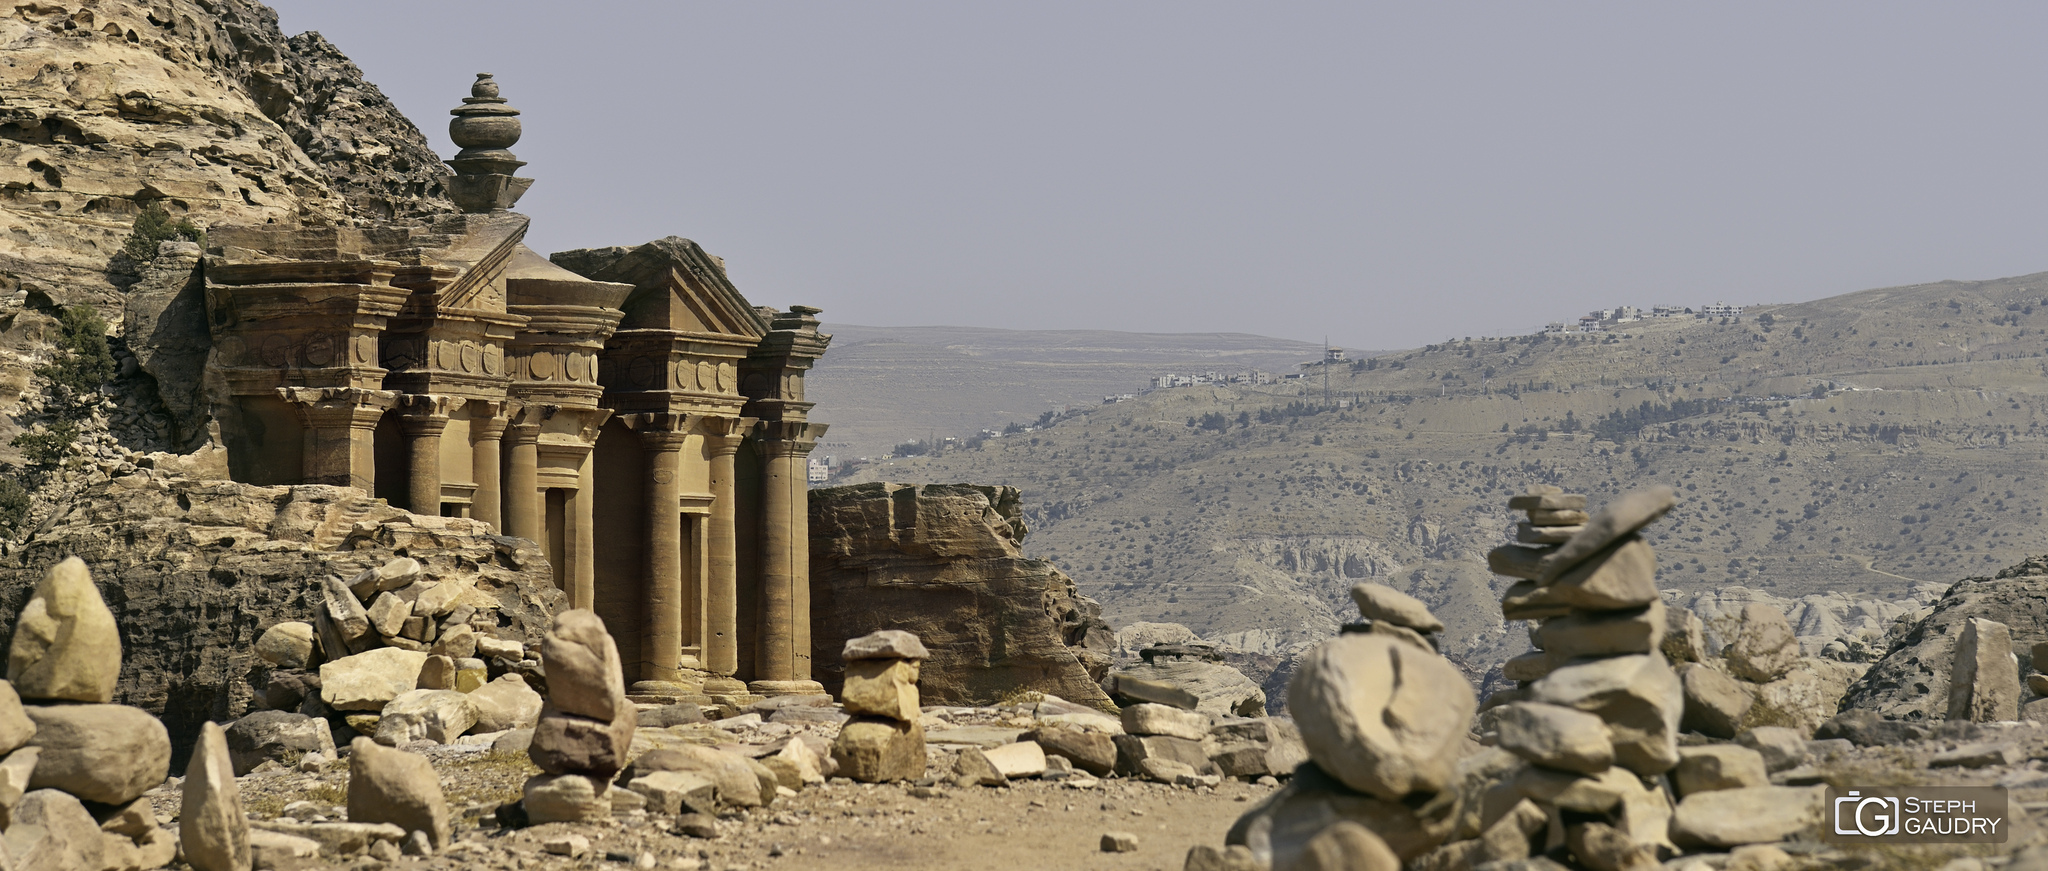 Al Deir - partie supérieure du monastère [Click to start slideshow]